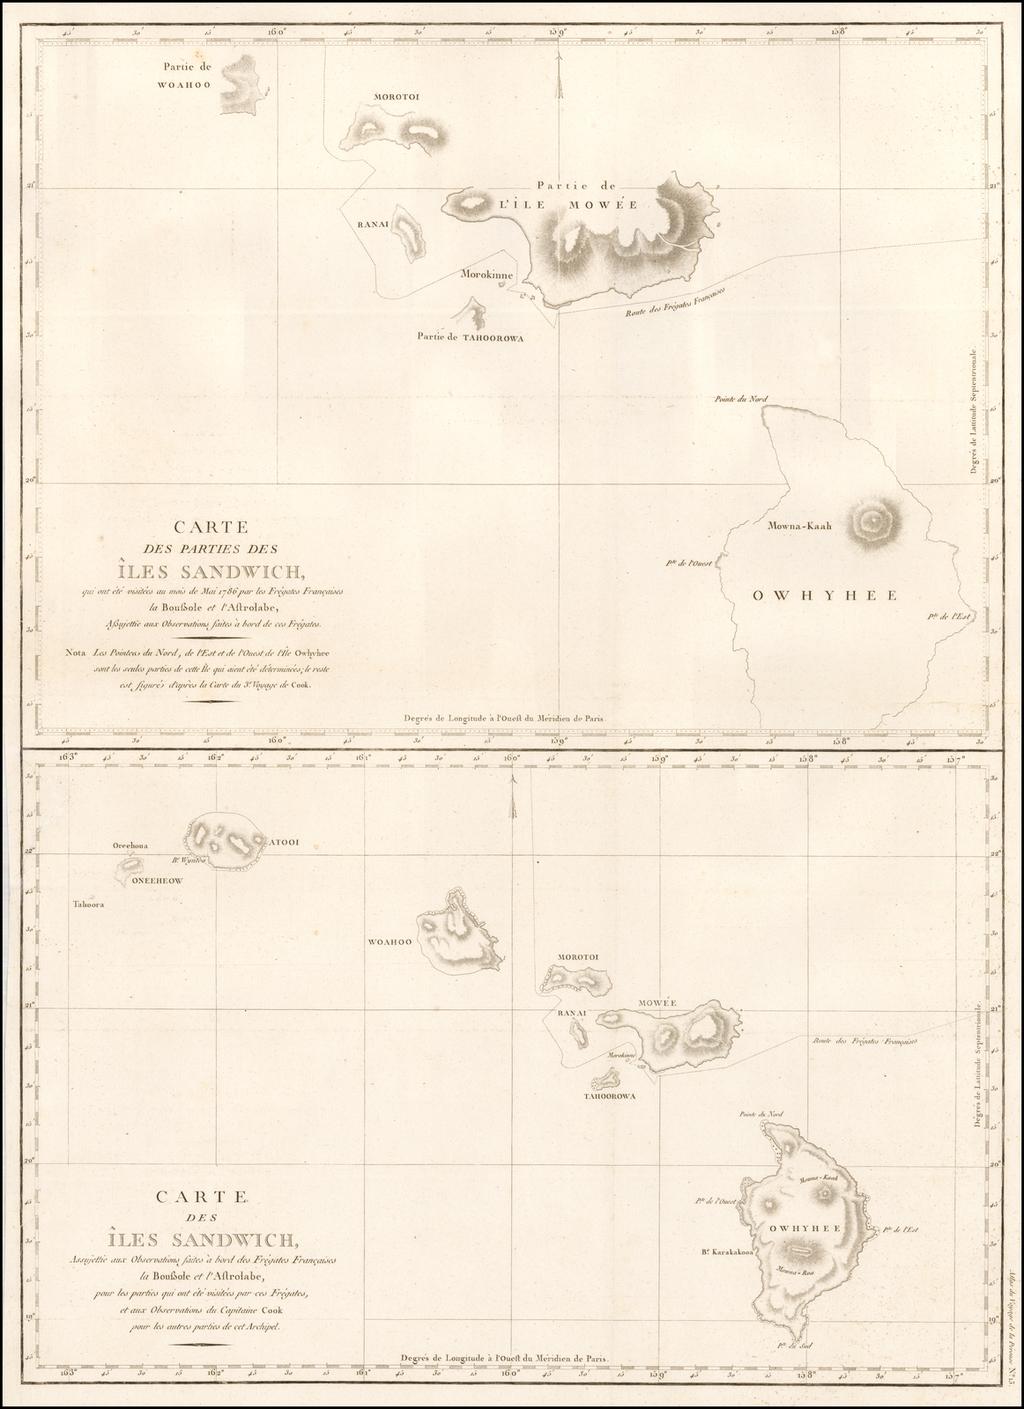 Carte Des Parties Des Iles Sandwich . . . 1786 [with] Carte Des Iles Sandwich . . .  By Jean Francois Galaup de La Perouse